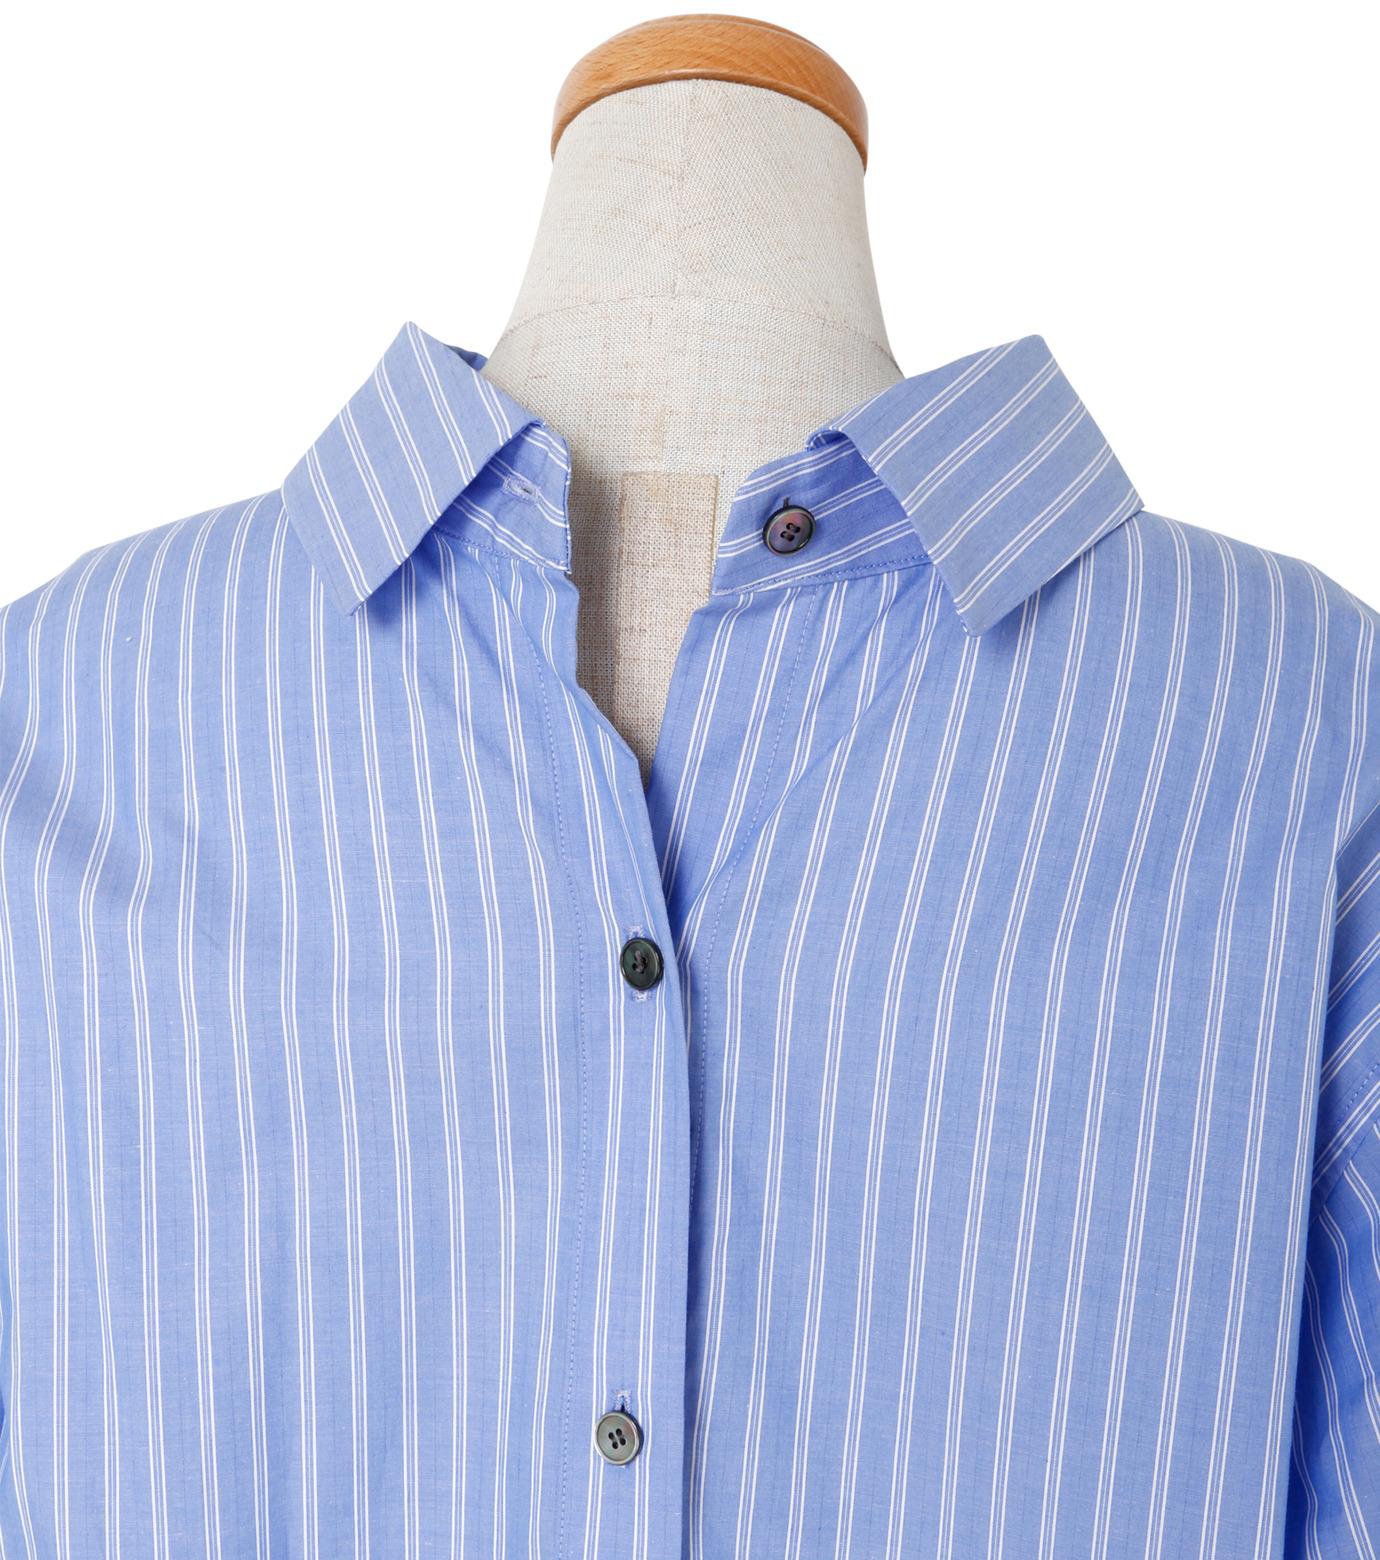 IRENE(アイレネ)のバックワーズシャツ-BLUE(シャツ/shirt)-19S83009 拡大詳細画像5